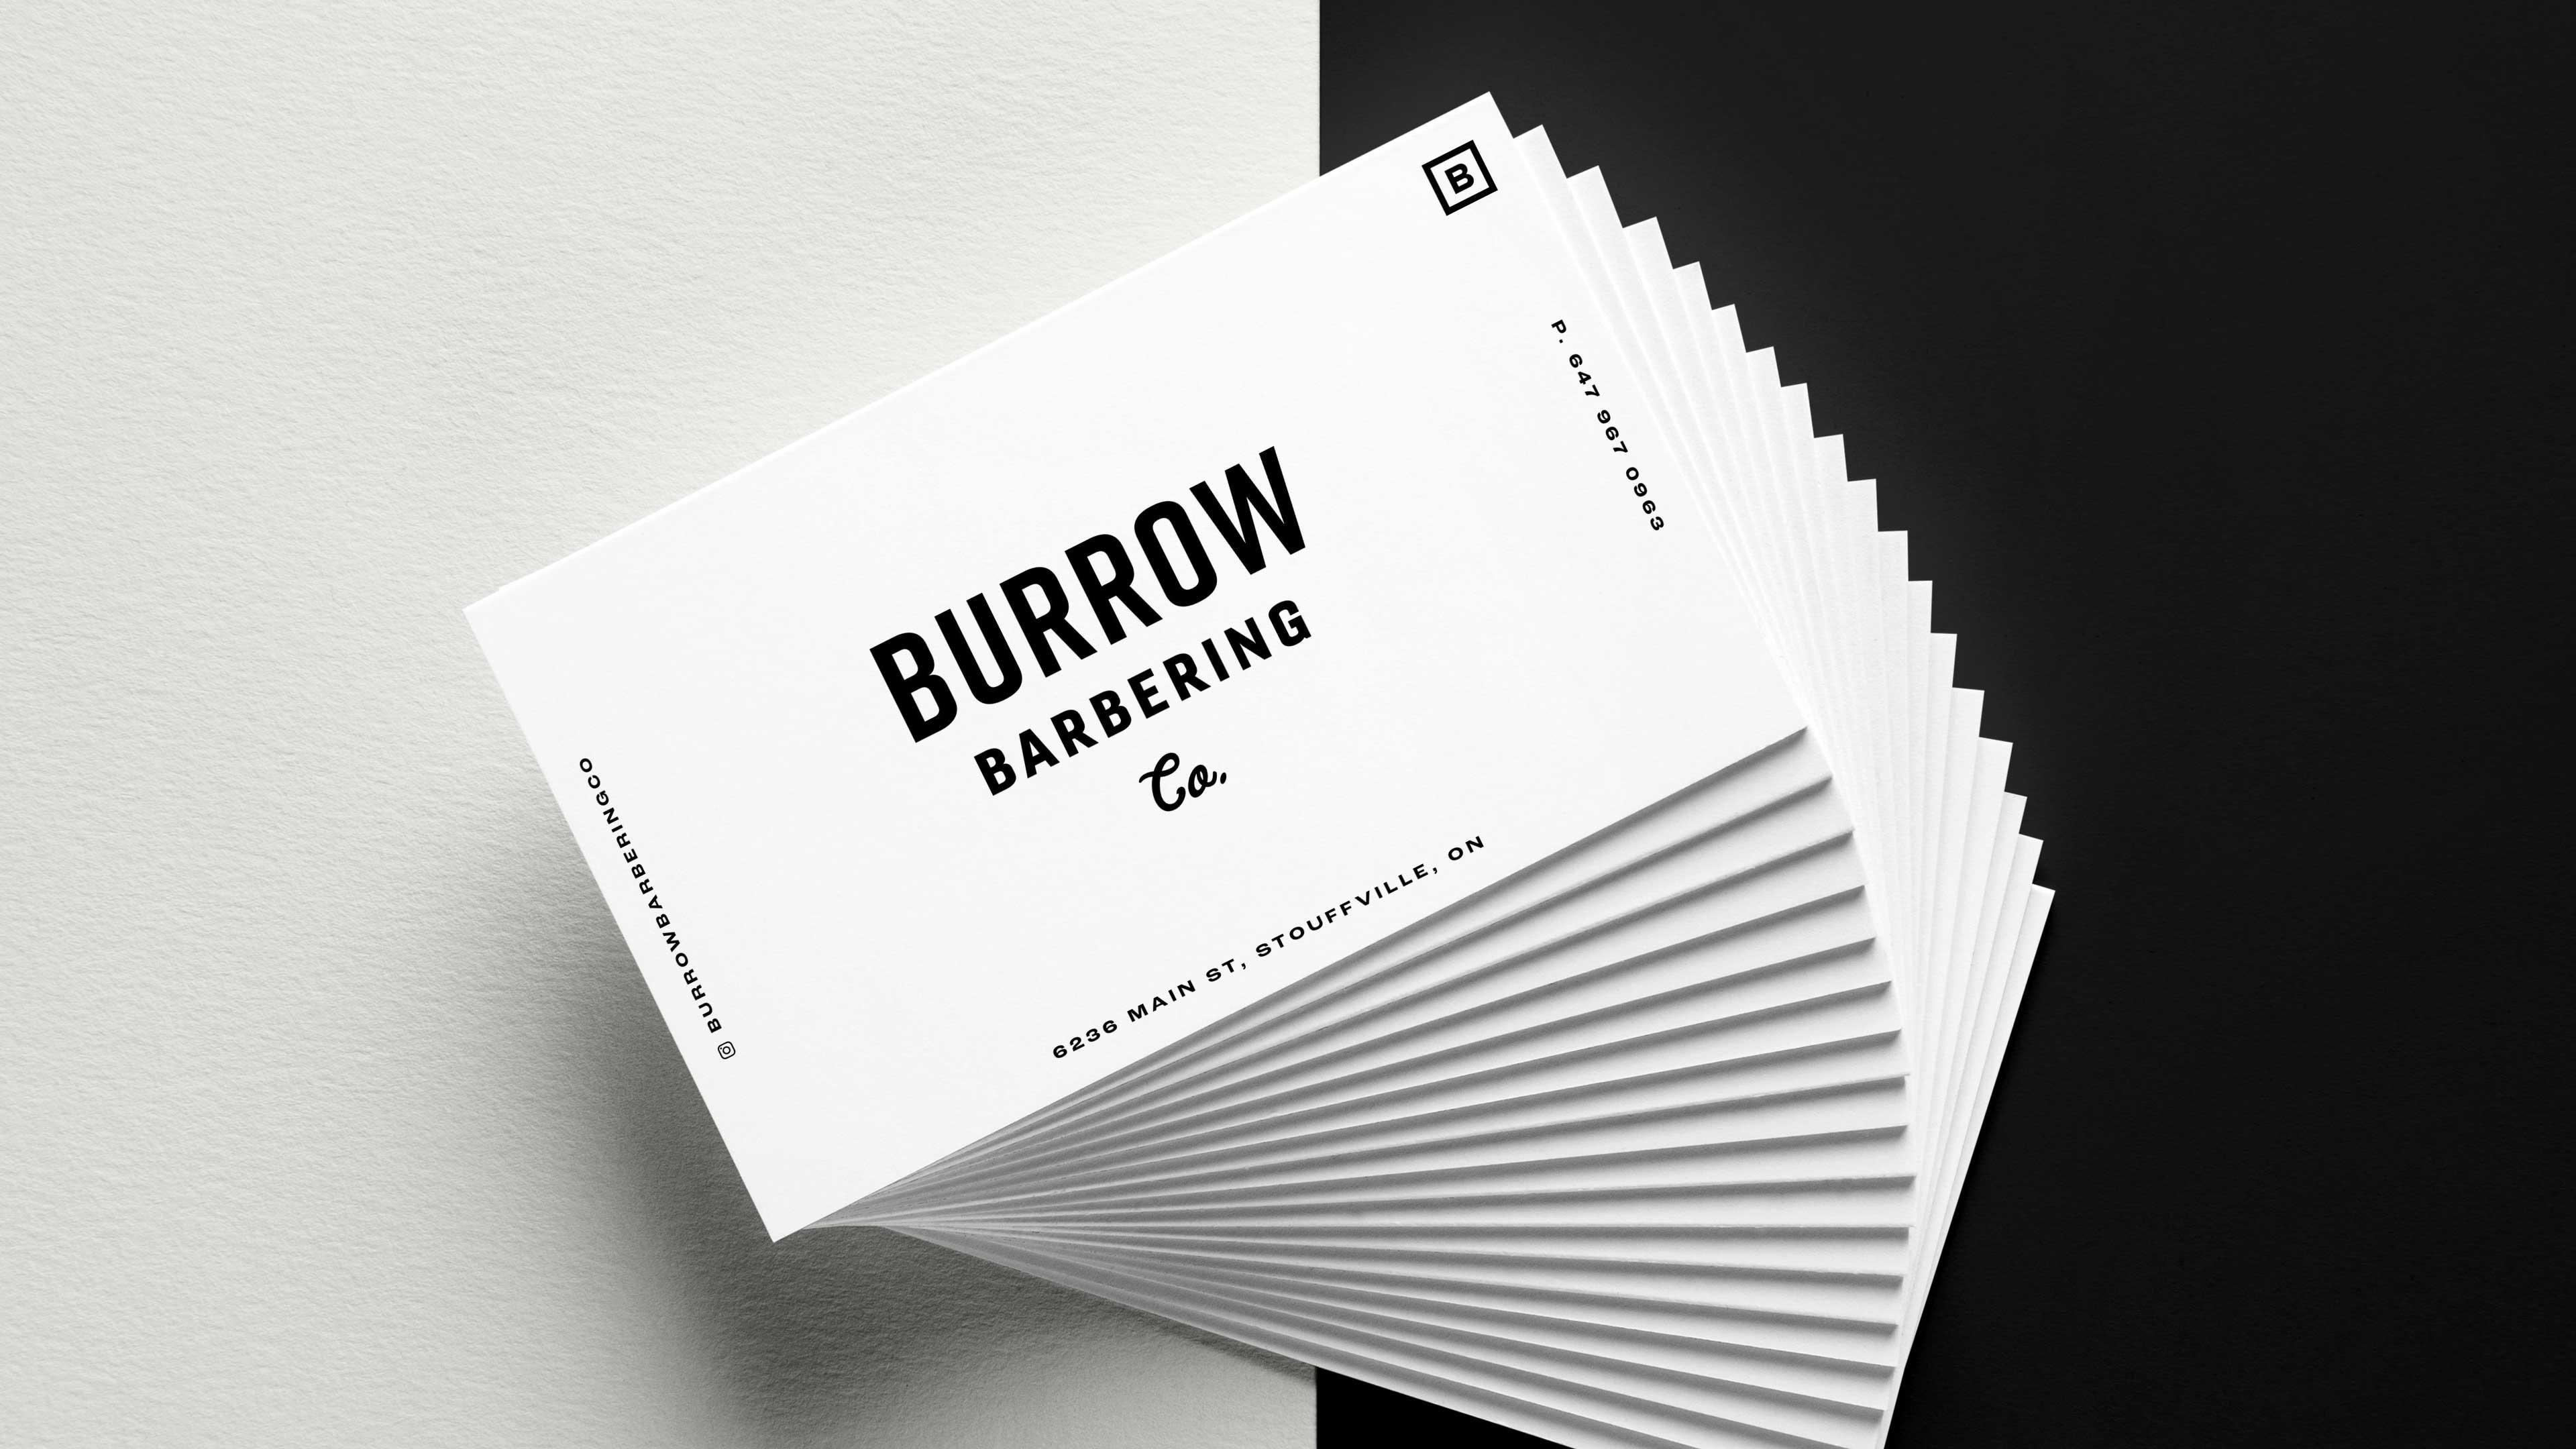 burrow-barbering-co-inthewild-b